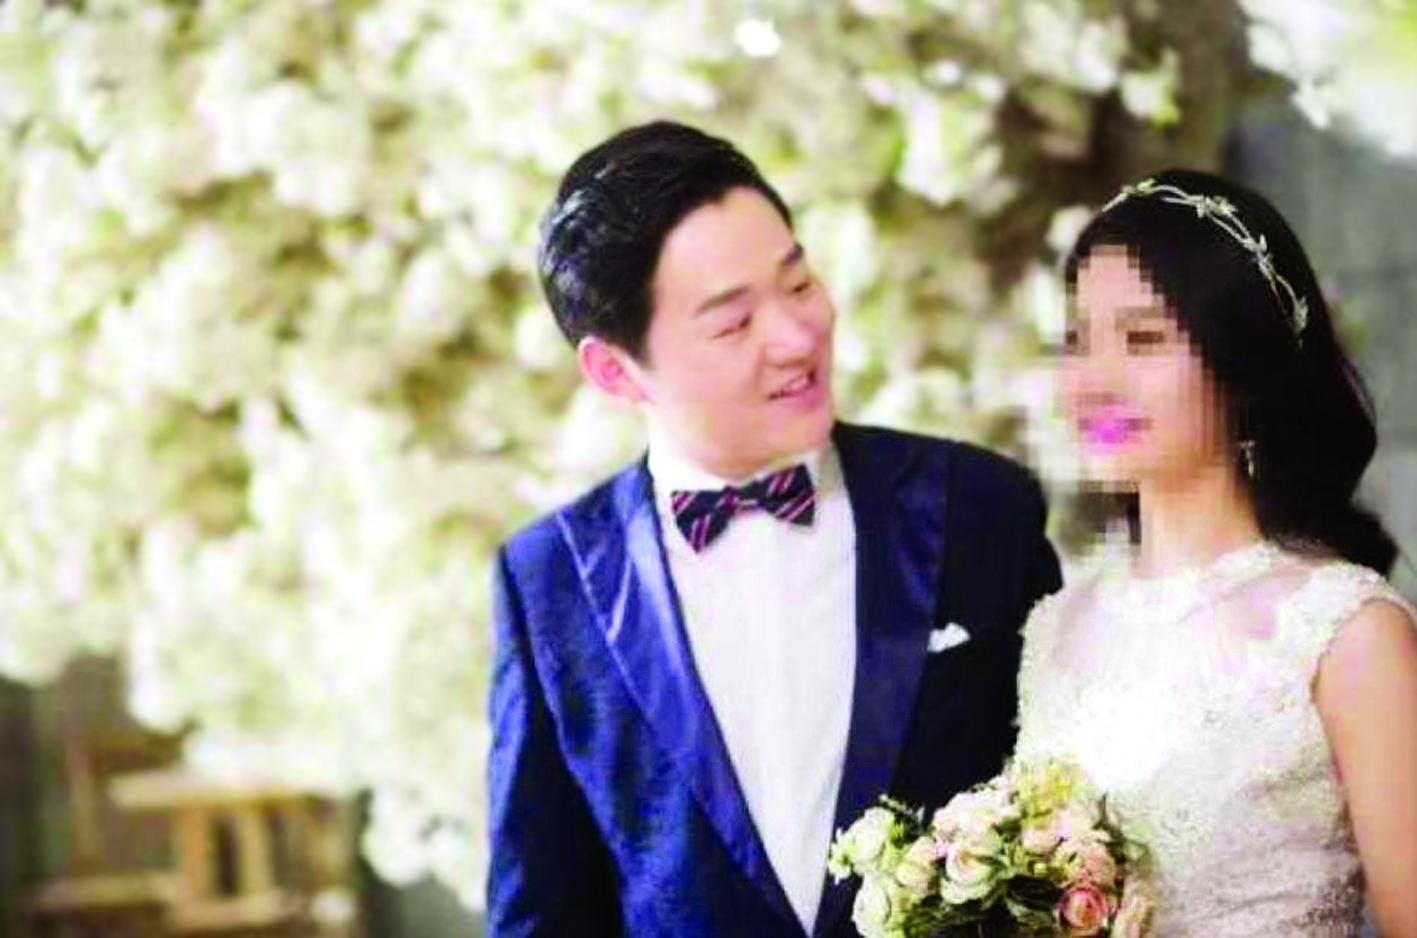 Bác sĩ Bành Ngân Hoa và vợ chưa cưới trong những bức ảnh cặp đôi cùng chụp trước ngày anh đi ra tuyến đầu chống dịch